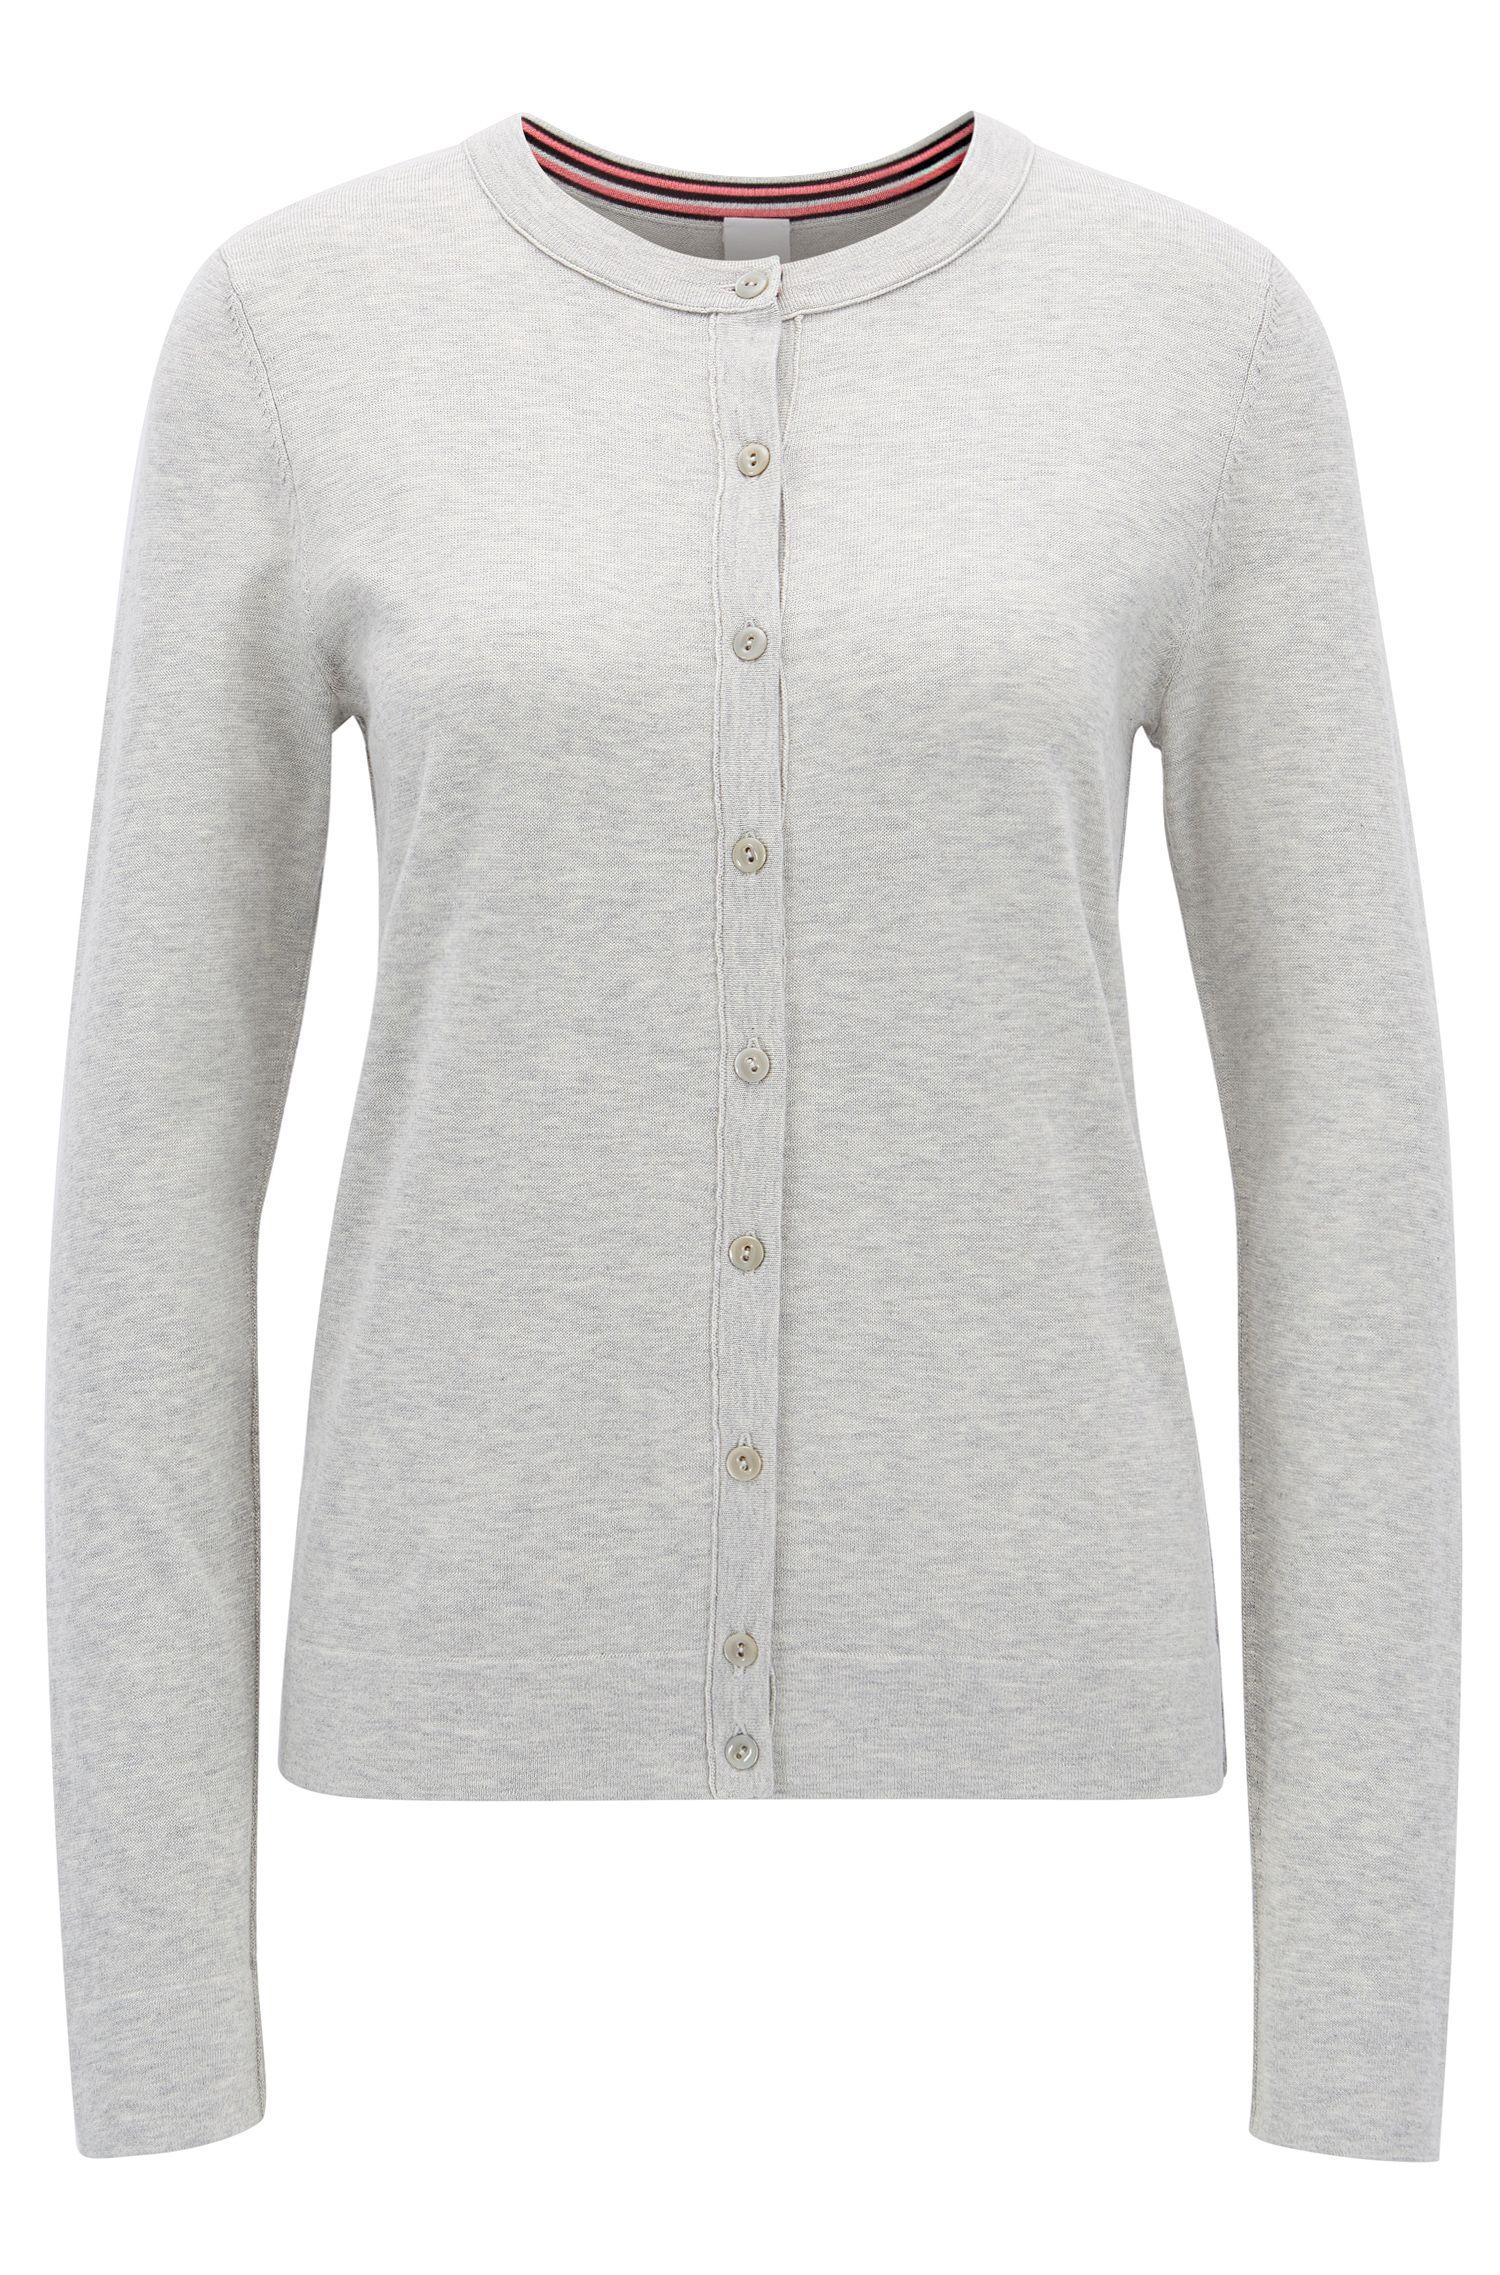 Cardigan en maille en jersey simple de coton mélangé